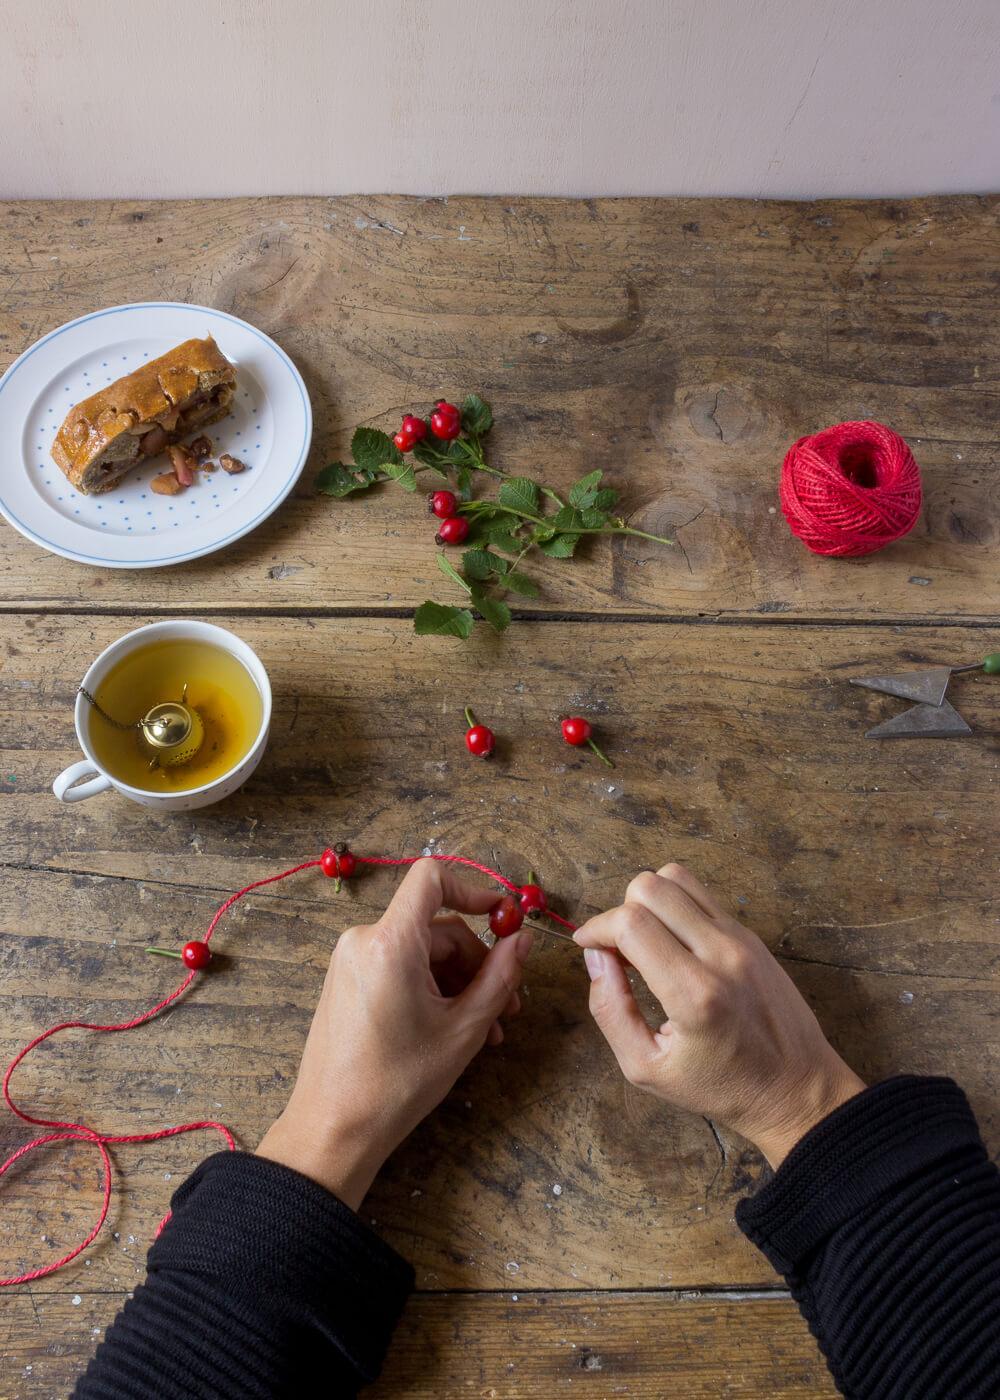 Impacchettare i regali di Natale con il linguaggio dei fiori - Cinorrodi di Rosa Canina - Lily&Sage Design